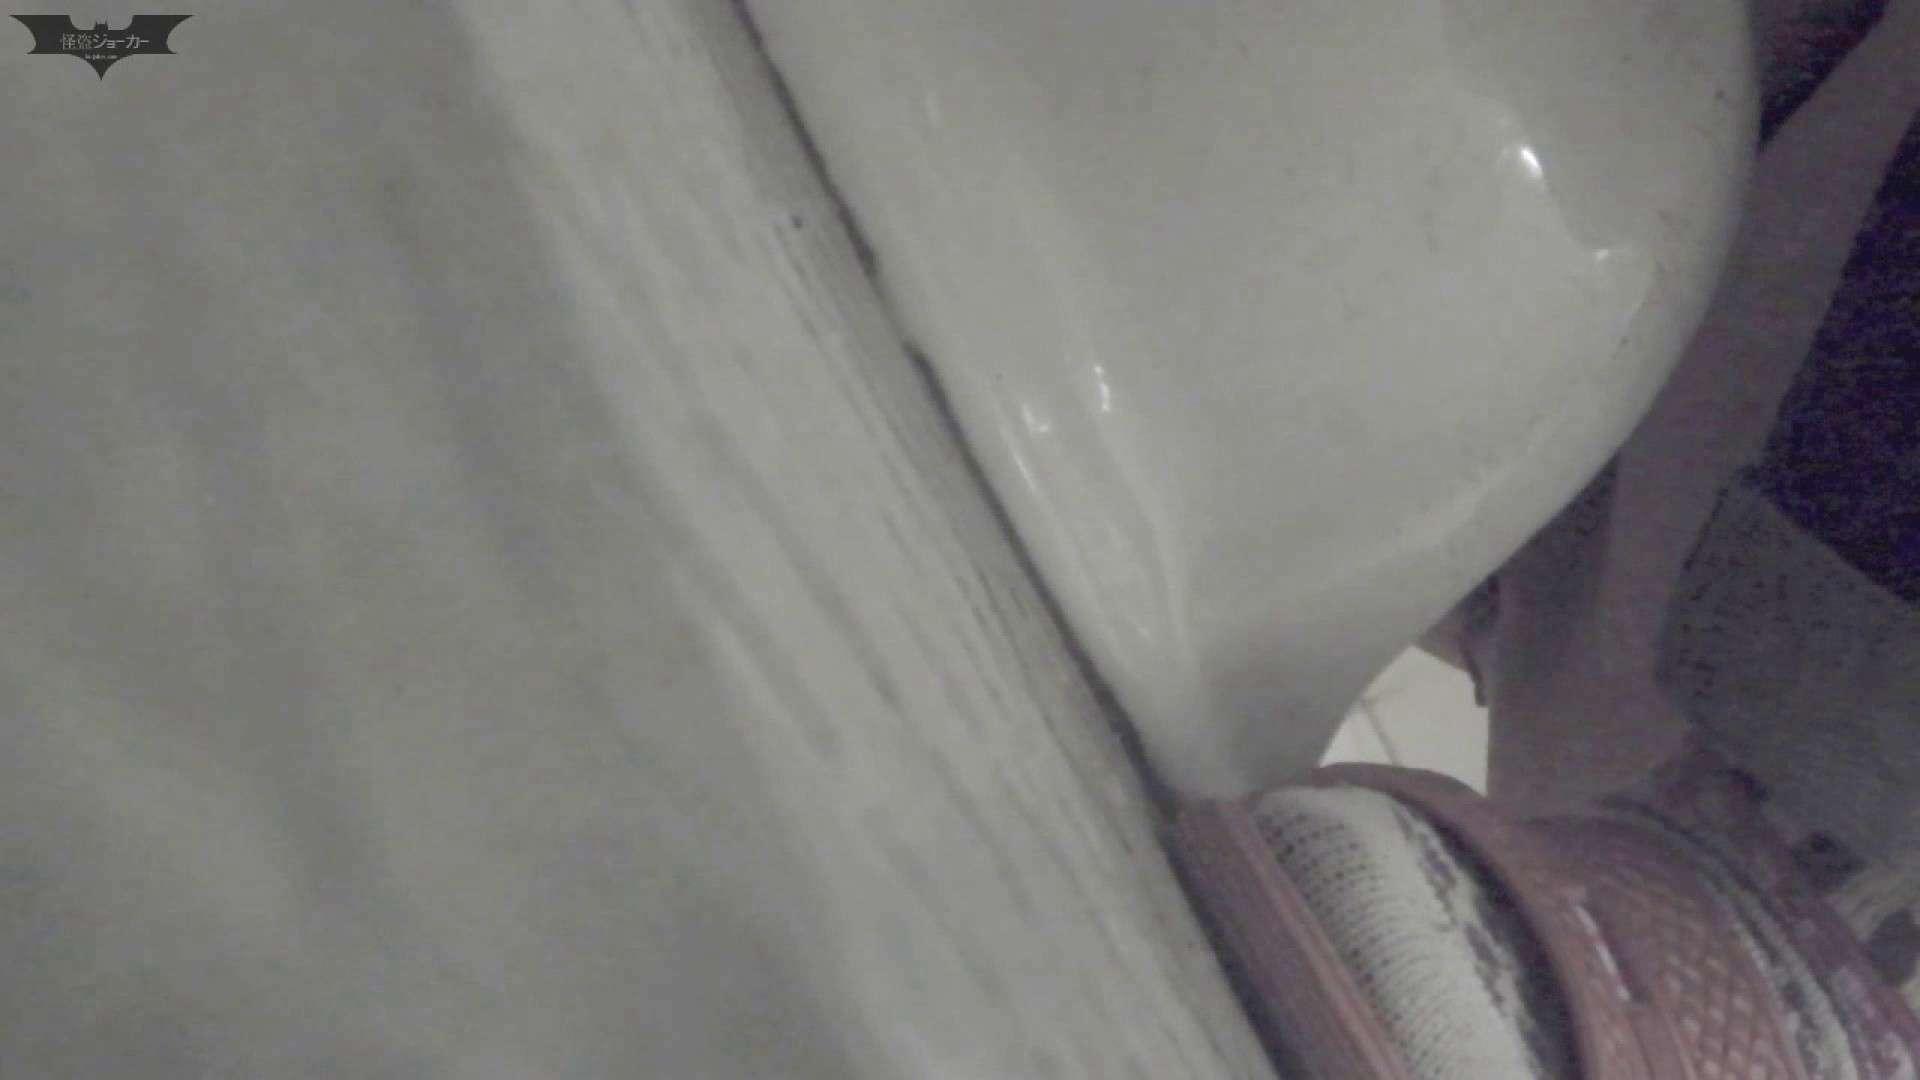 【期間・個数限定配信】 マンコ丸見え!第三体育館潜入撮File001 体育館 オメコ動画キャプチャ 43連発 24